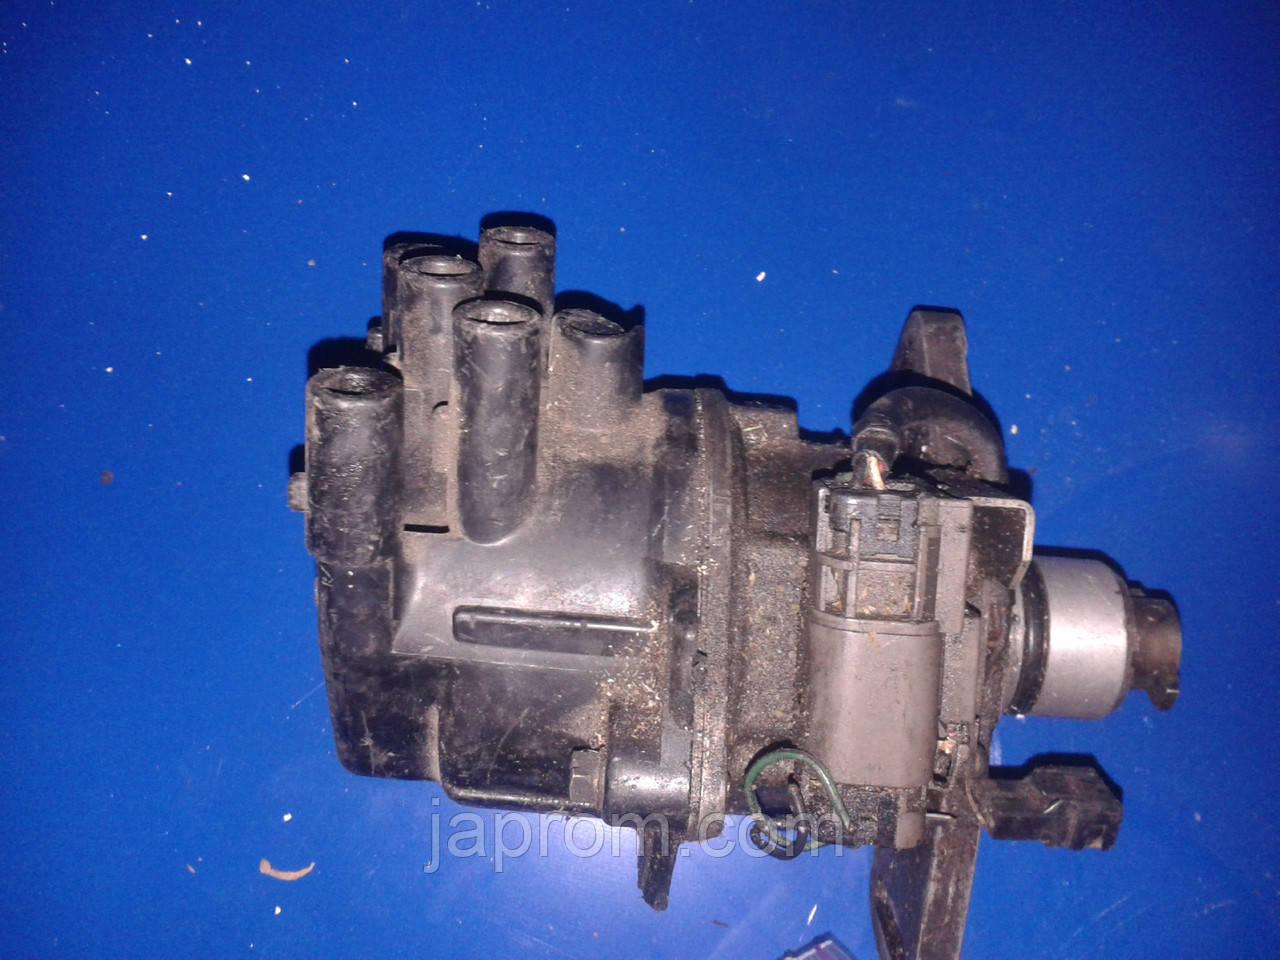 Распределитель (Трамблер) зажигания Nissan Prairie 1989-1996г.в. 2.4